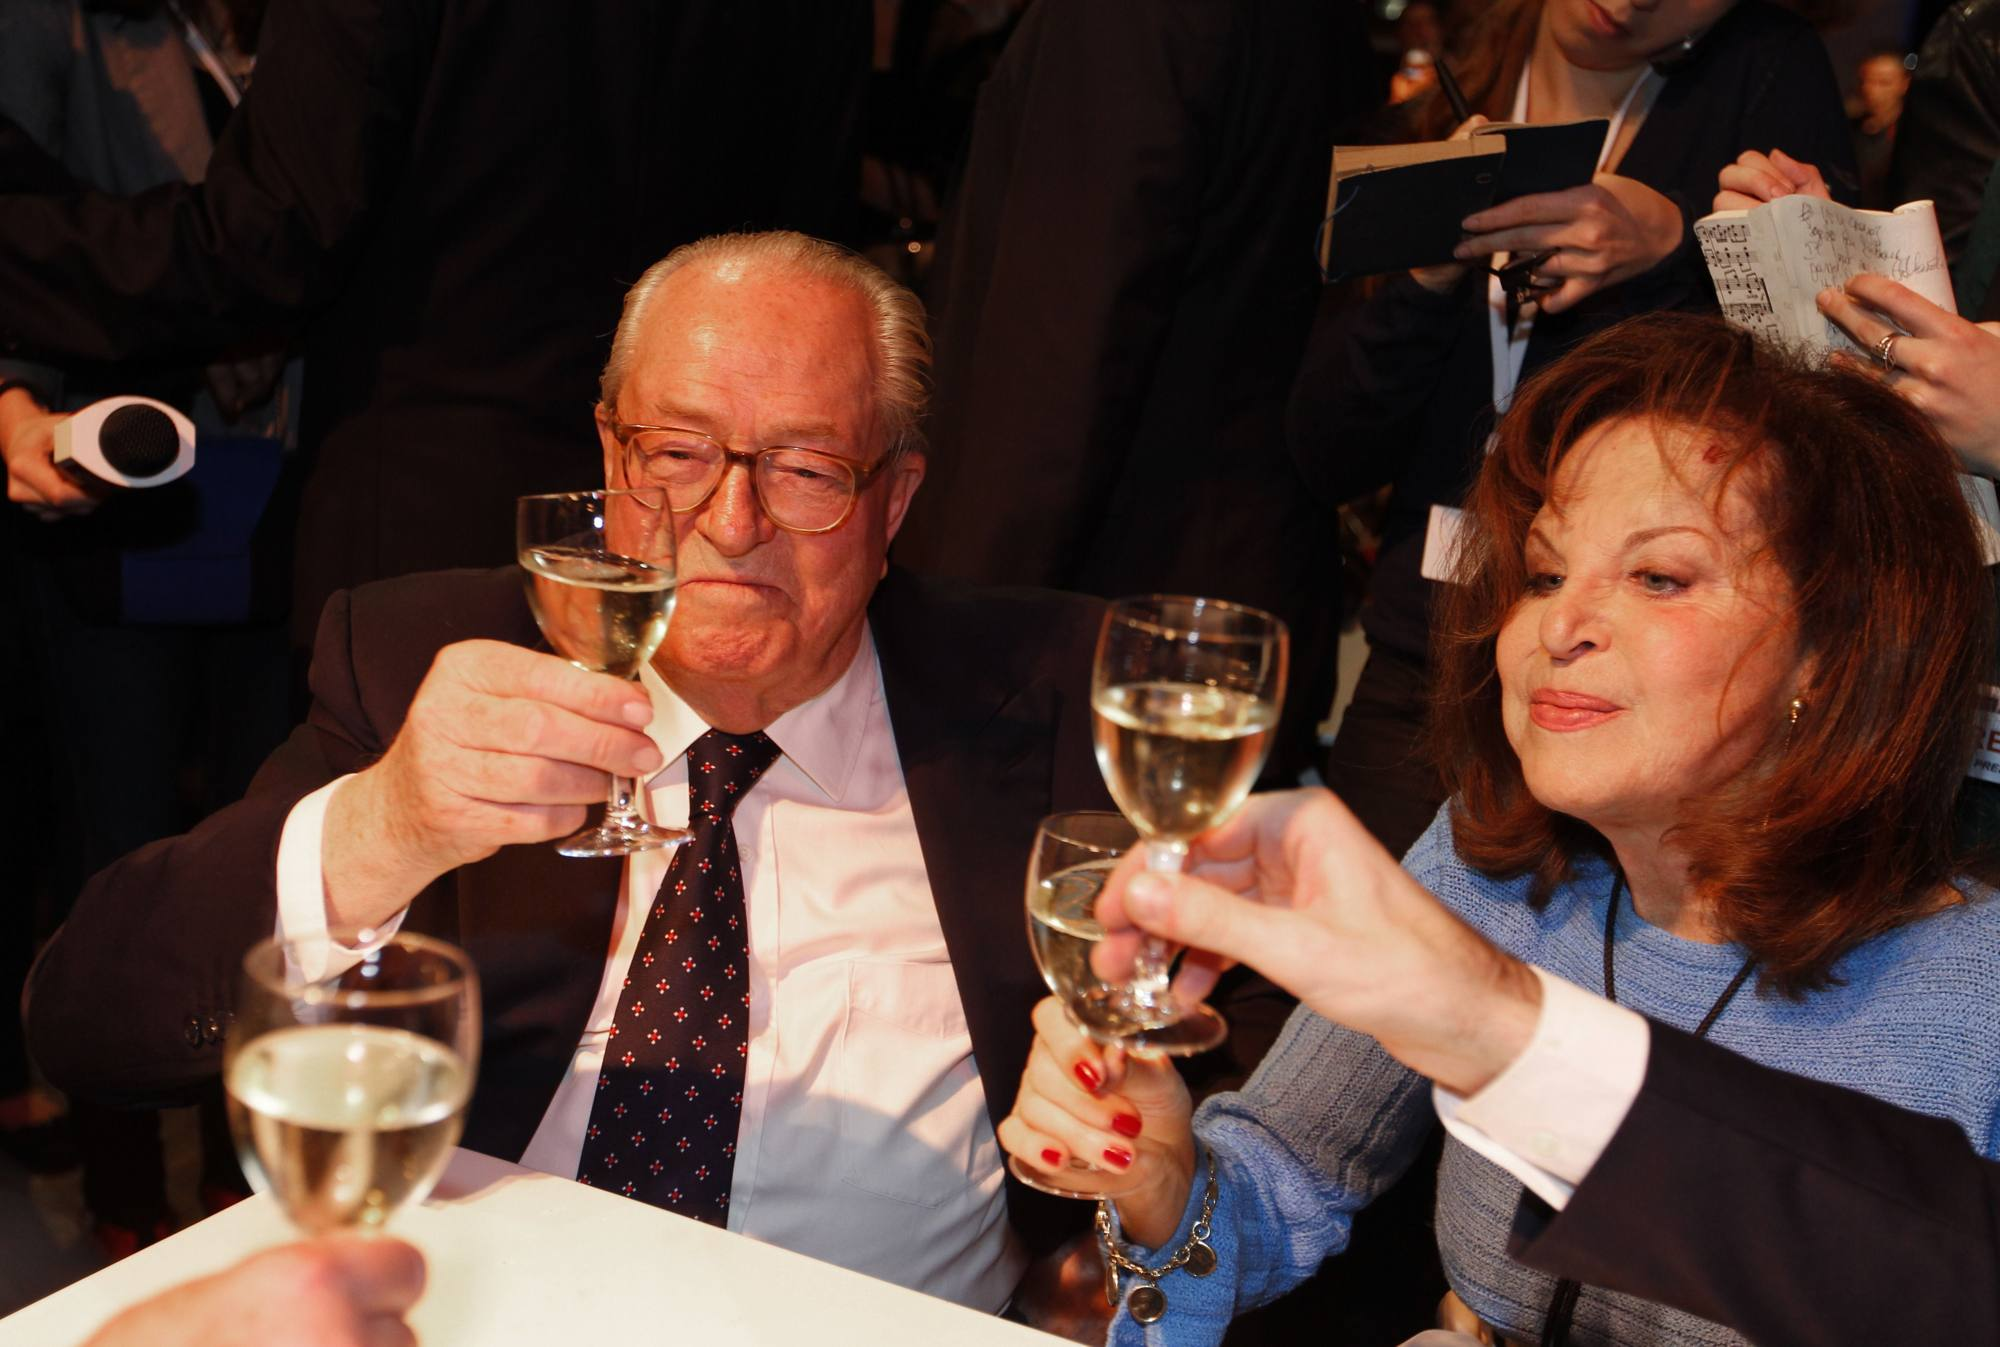 Le Pen padre festeggia il successo al primo turno della figlia (Afp/Guillot)